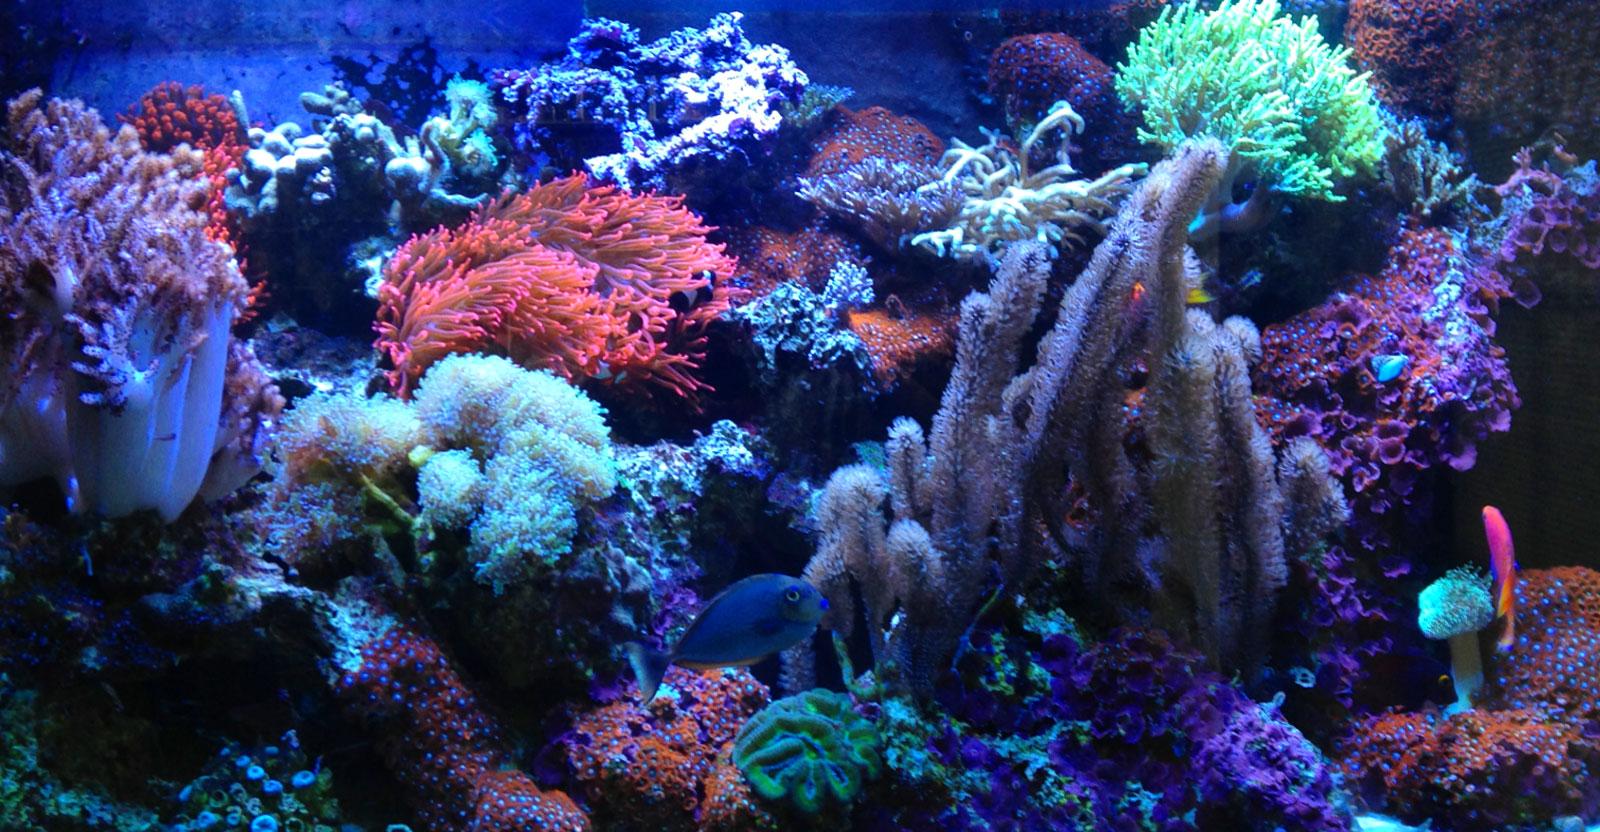 David's Aquariums Maintenance & Sales - New Jersey